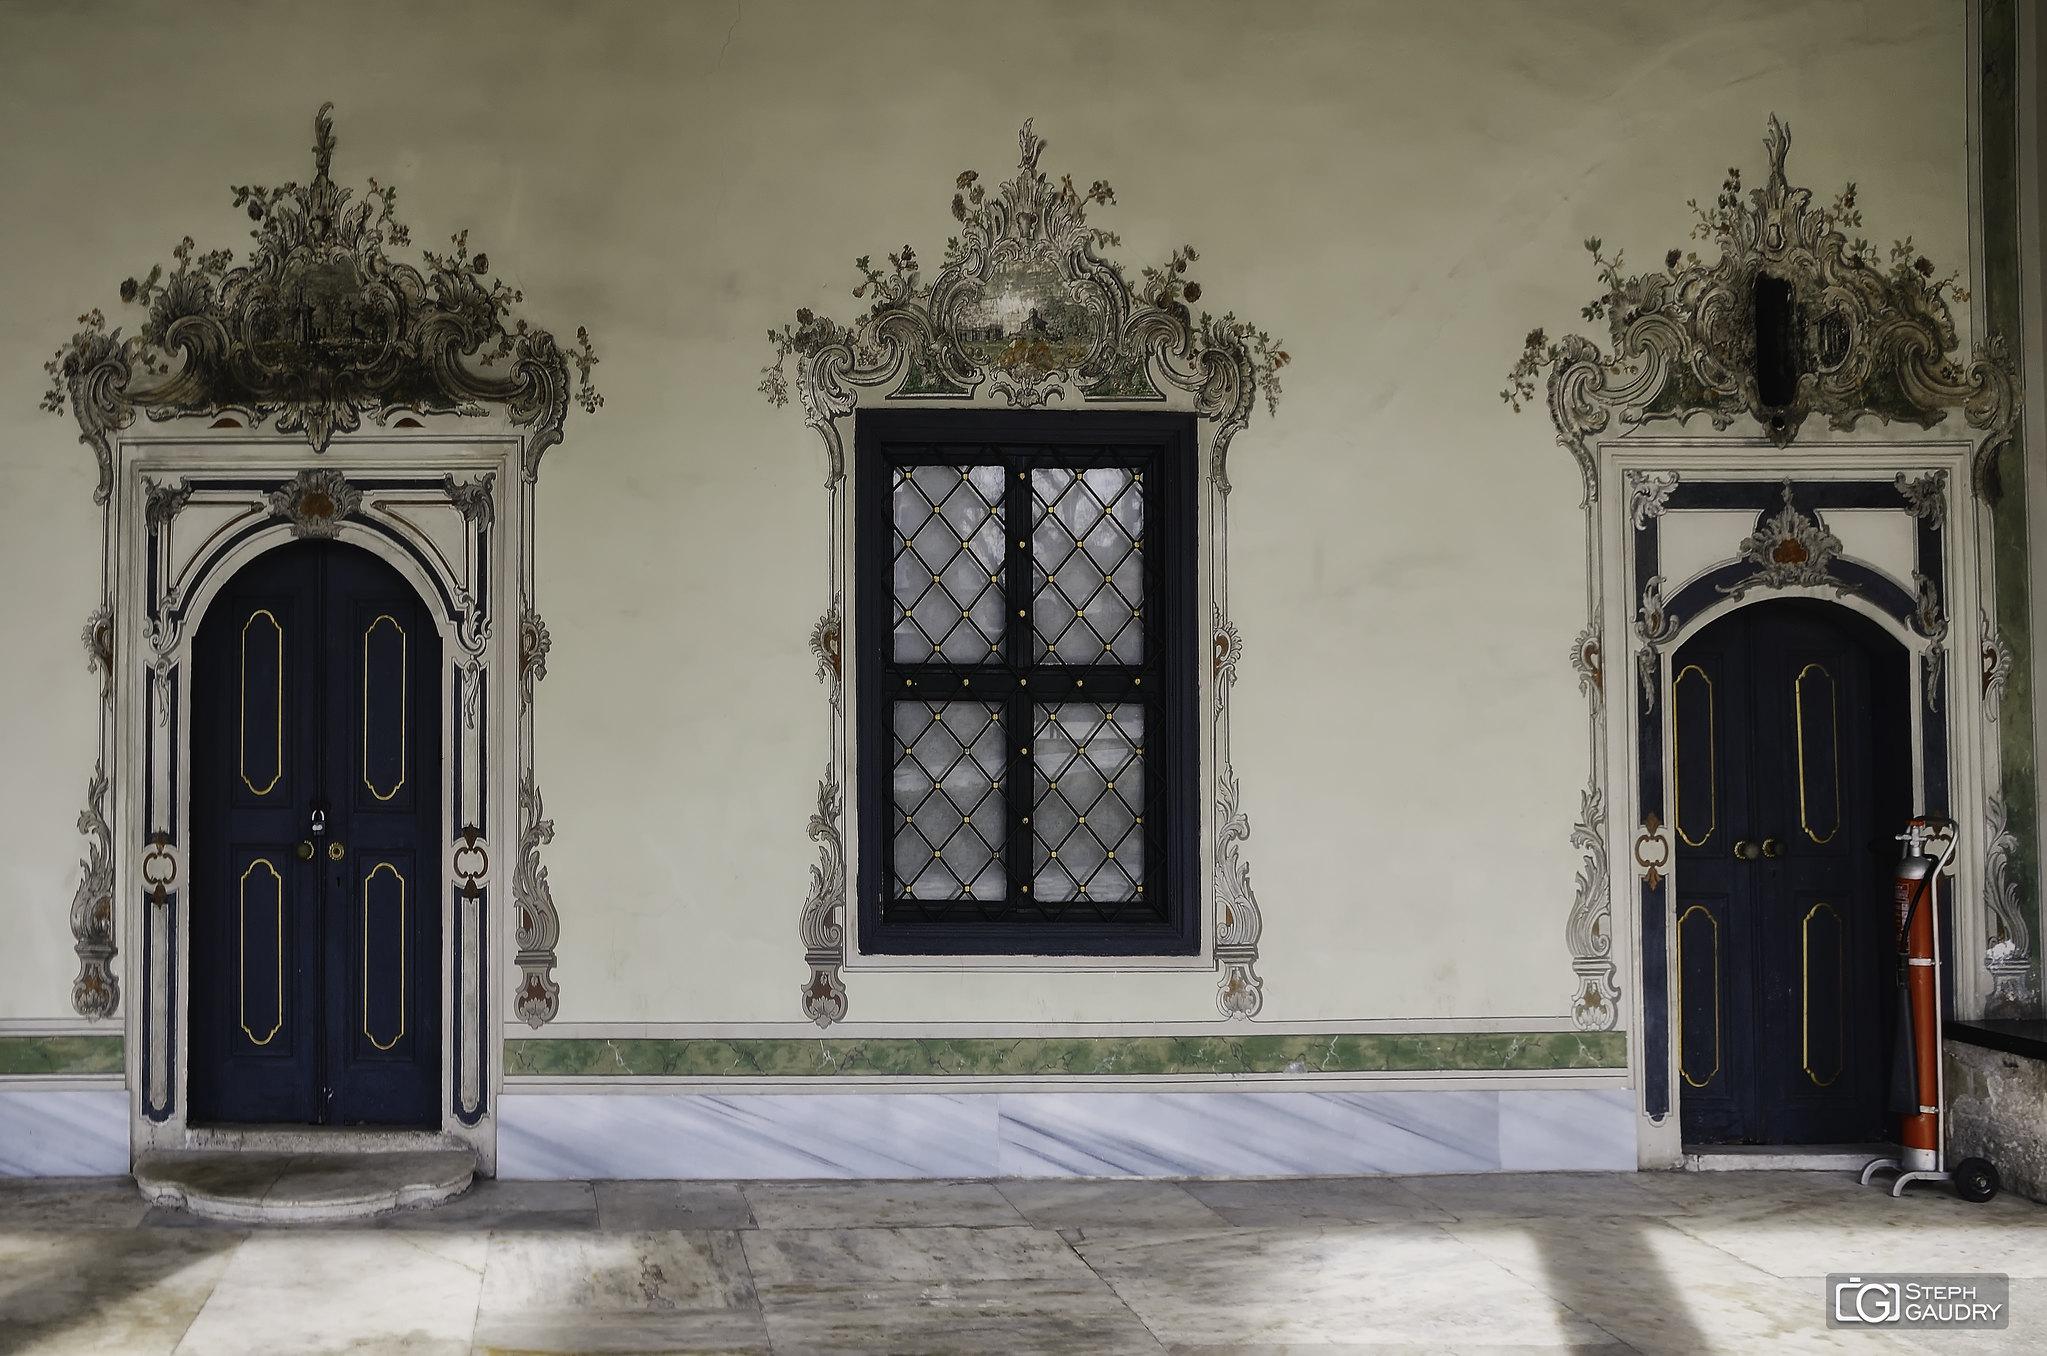 Istanbul, Topkapi palace - Imperial Council (Defterhāne) [Cliquez pour lancer le diaporama]